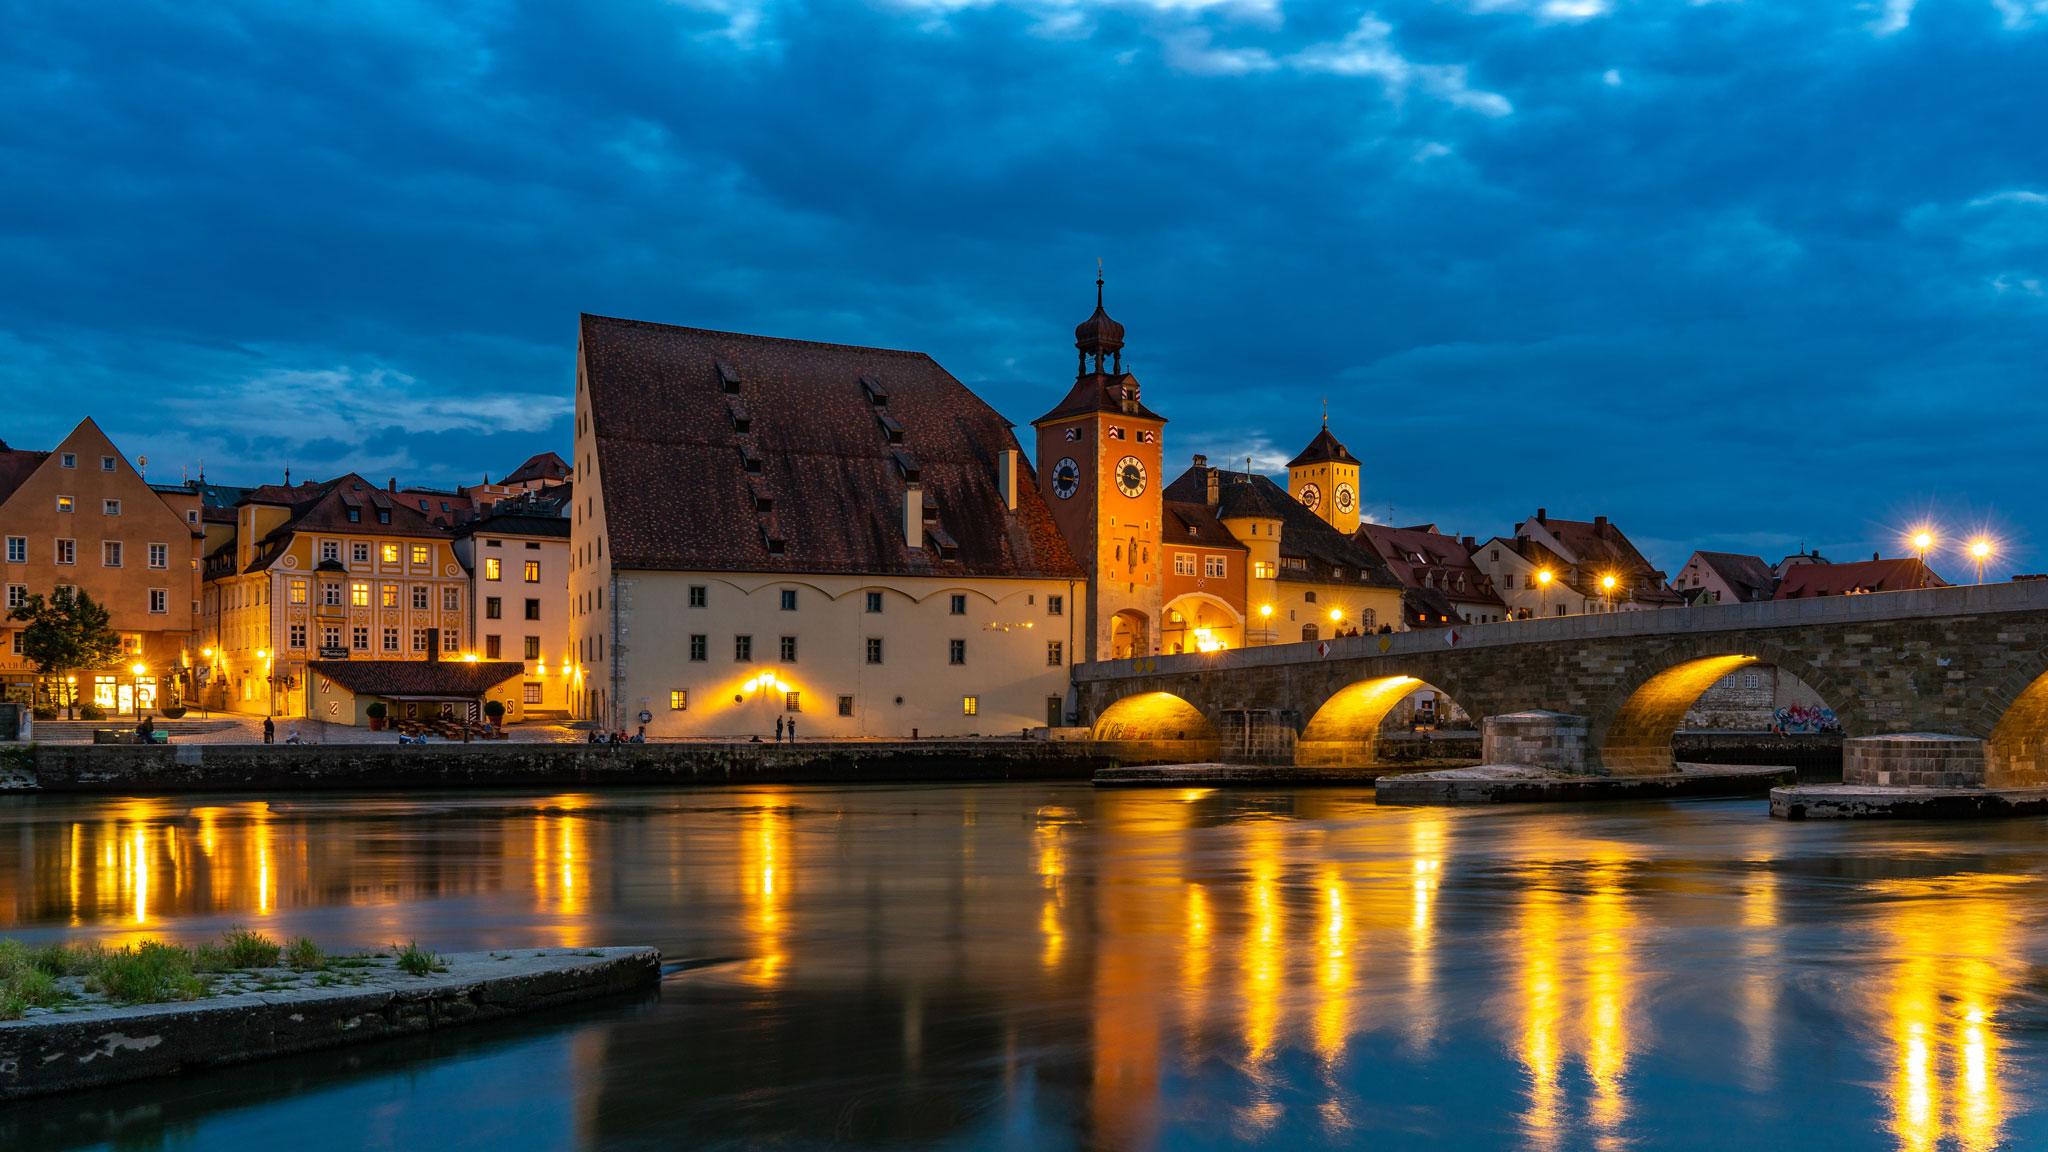 Salzstadel und Steinerne Brücke bei Nacht (Foto: Sandra Ilmberger)